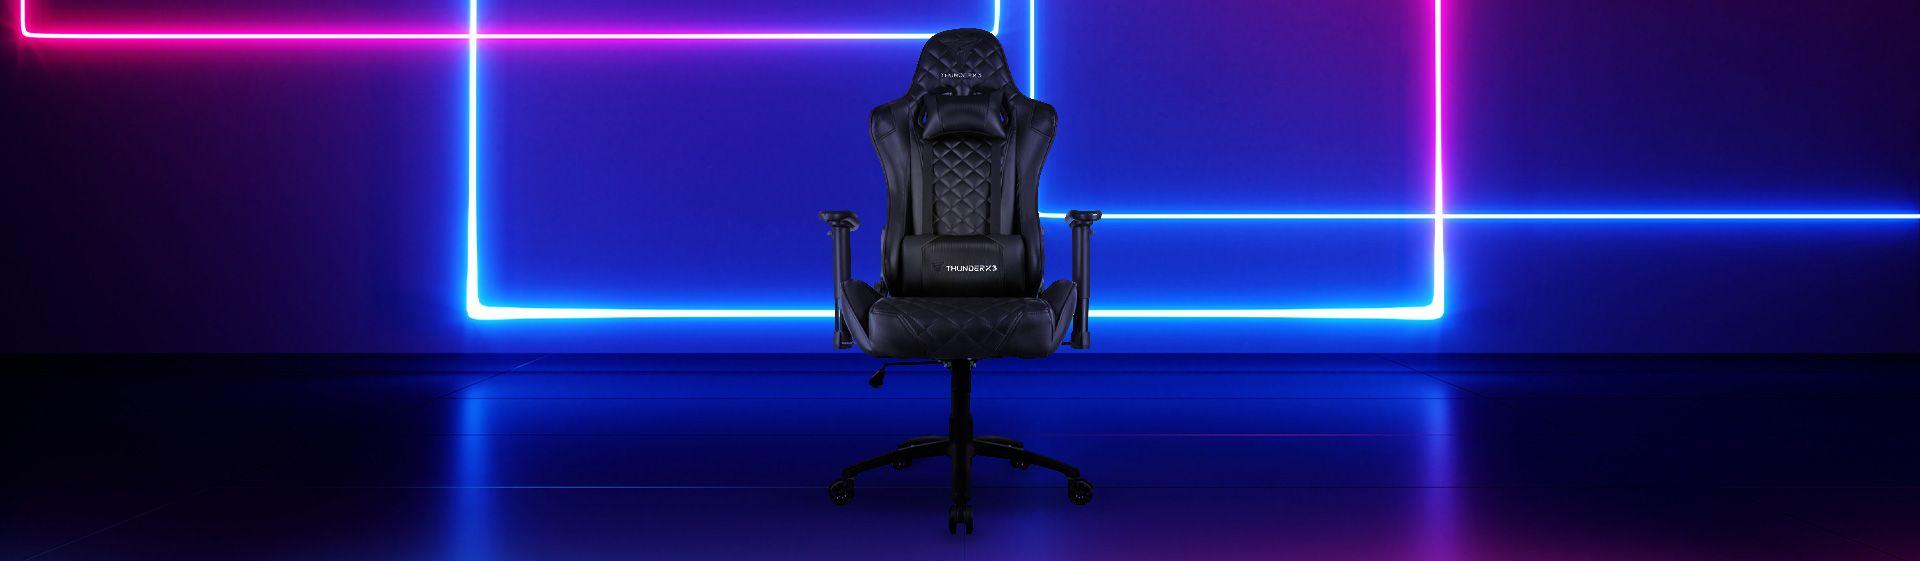 Melhor cadeira gamer preta em 2021: aproveite a jogatina com estilo